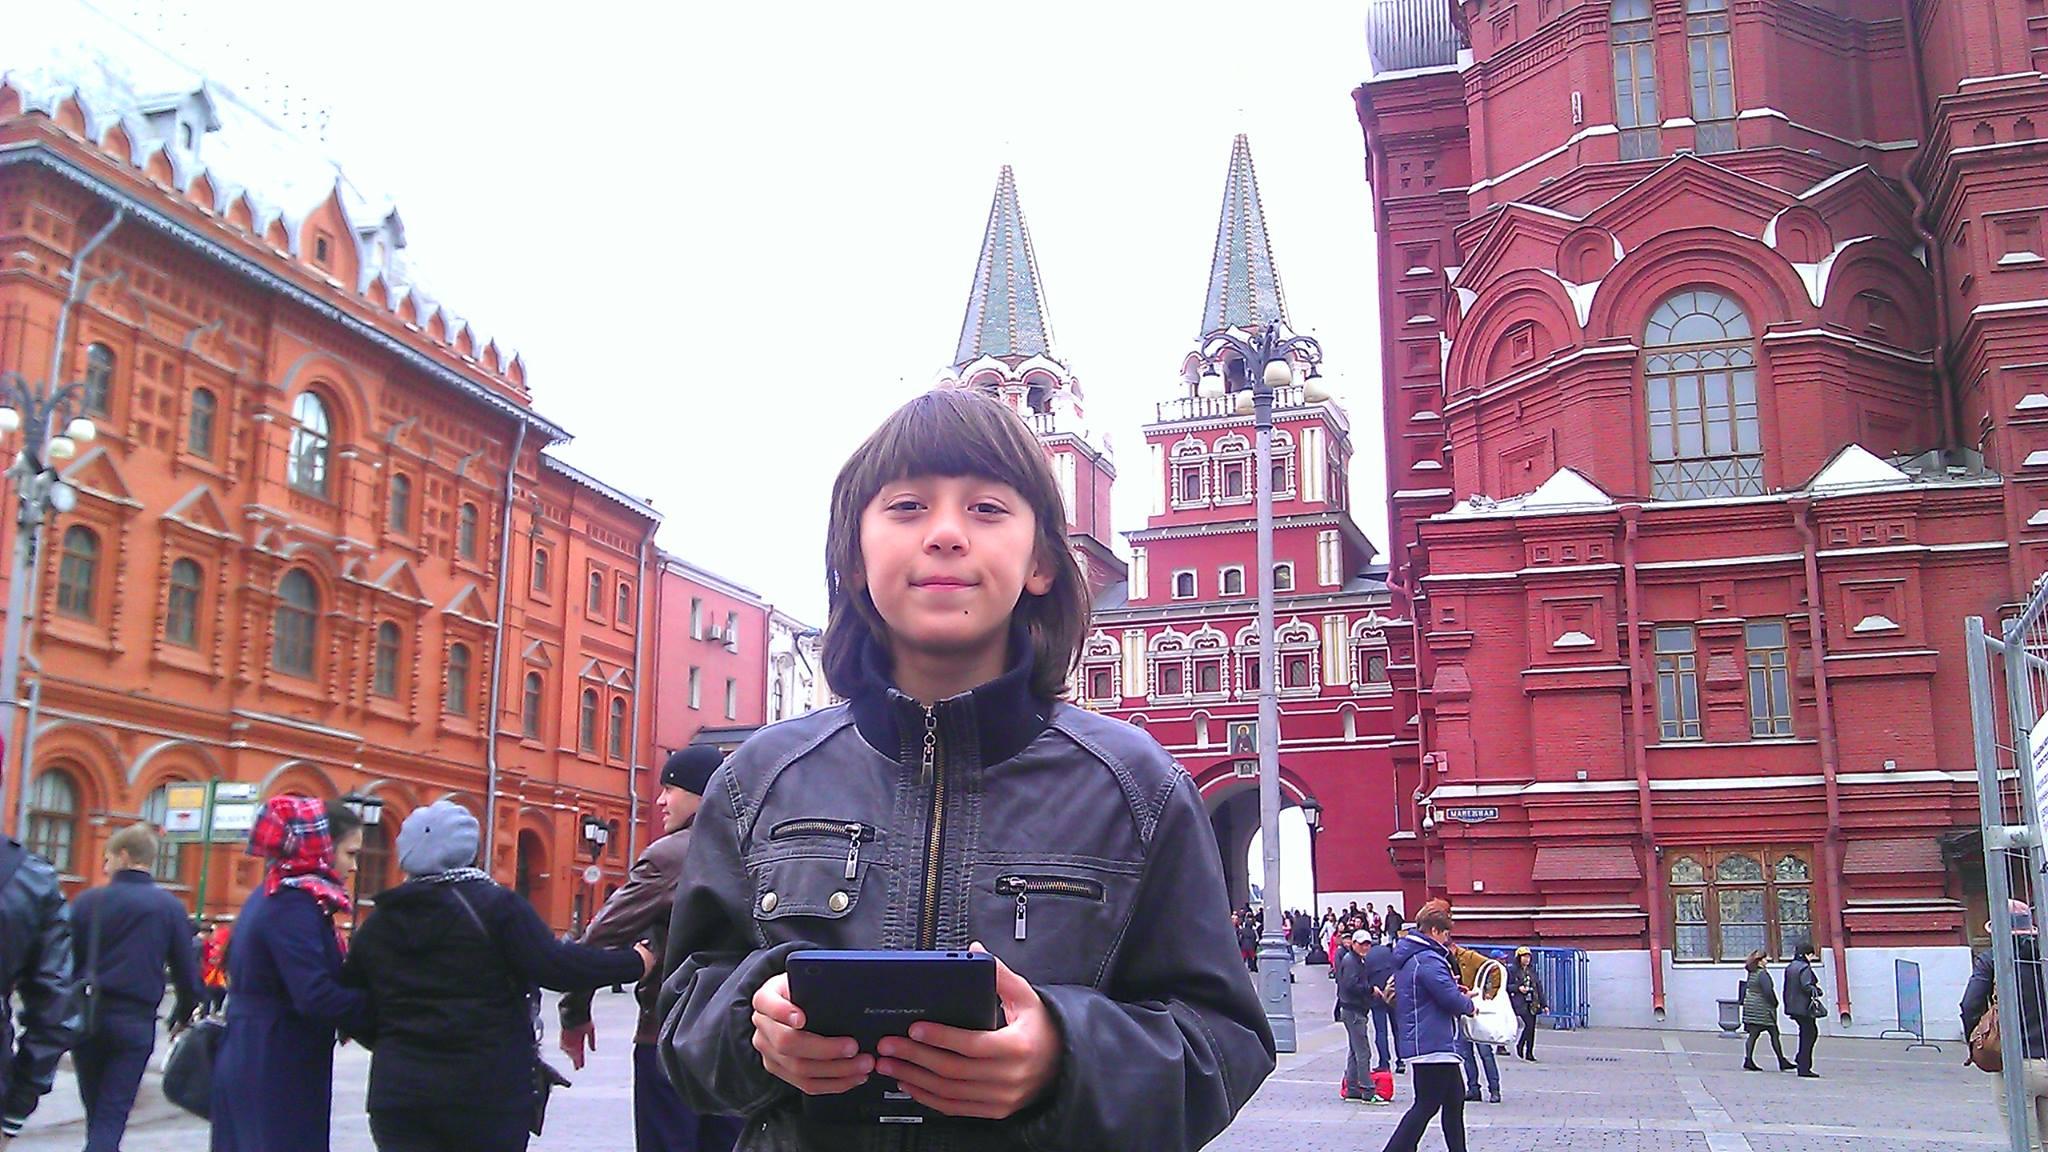 трансвеститы и транссексуалы знакомства в москве